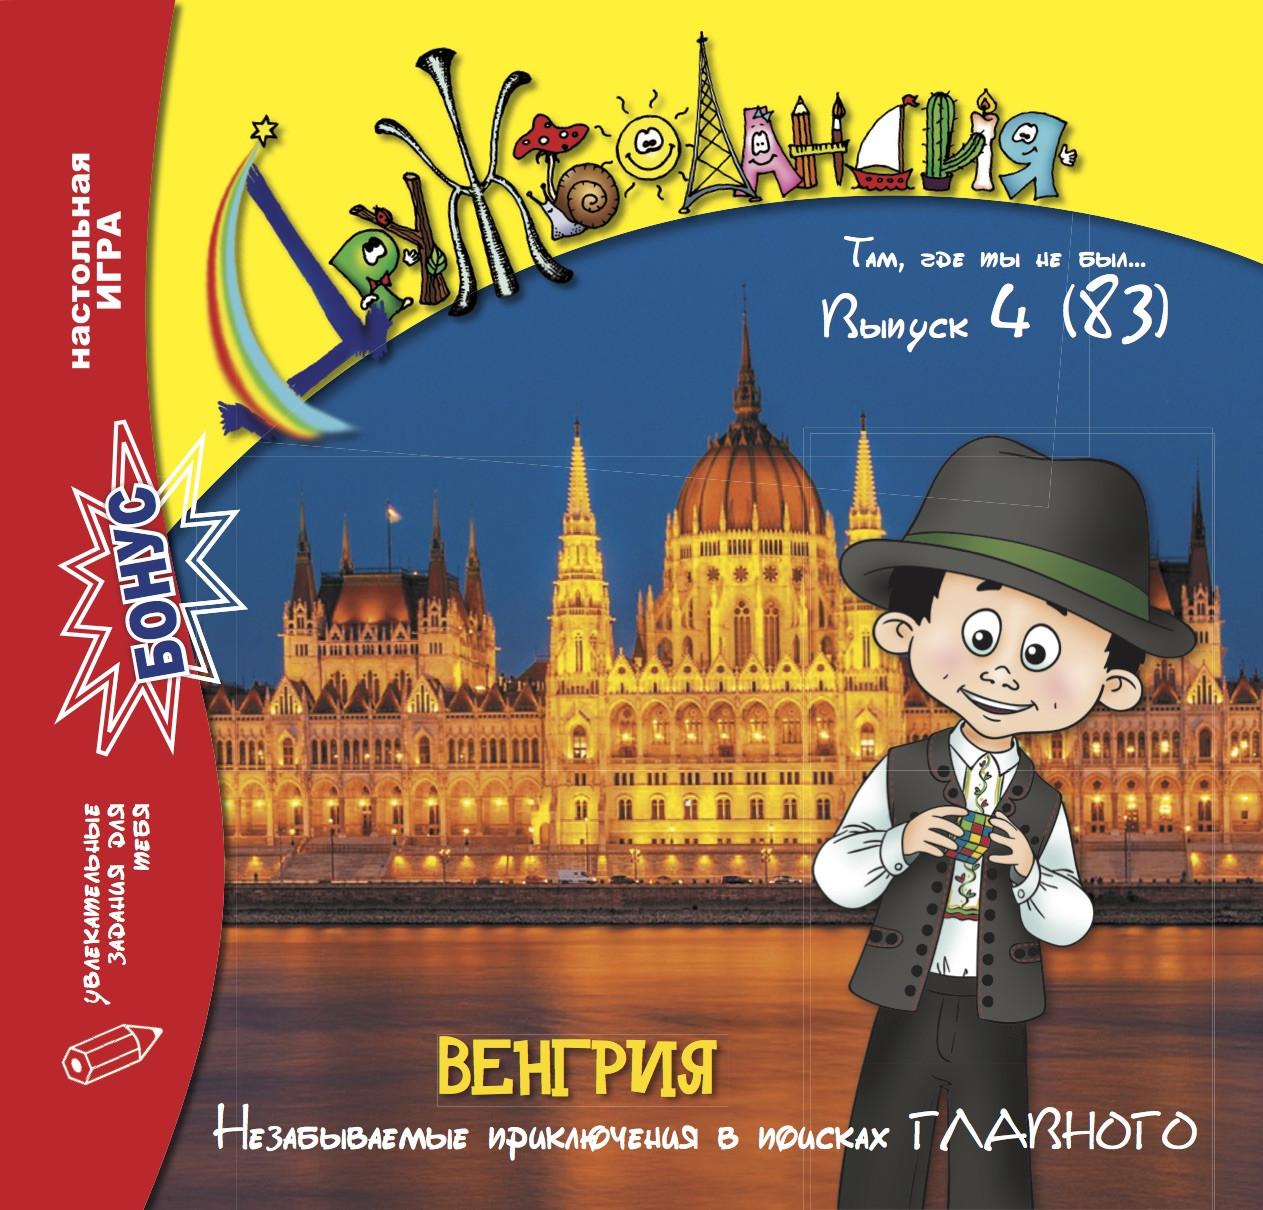 Дружболандия № 4-2019 (рос.) – Венгрия